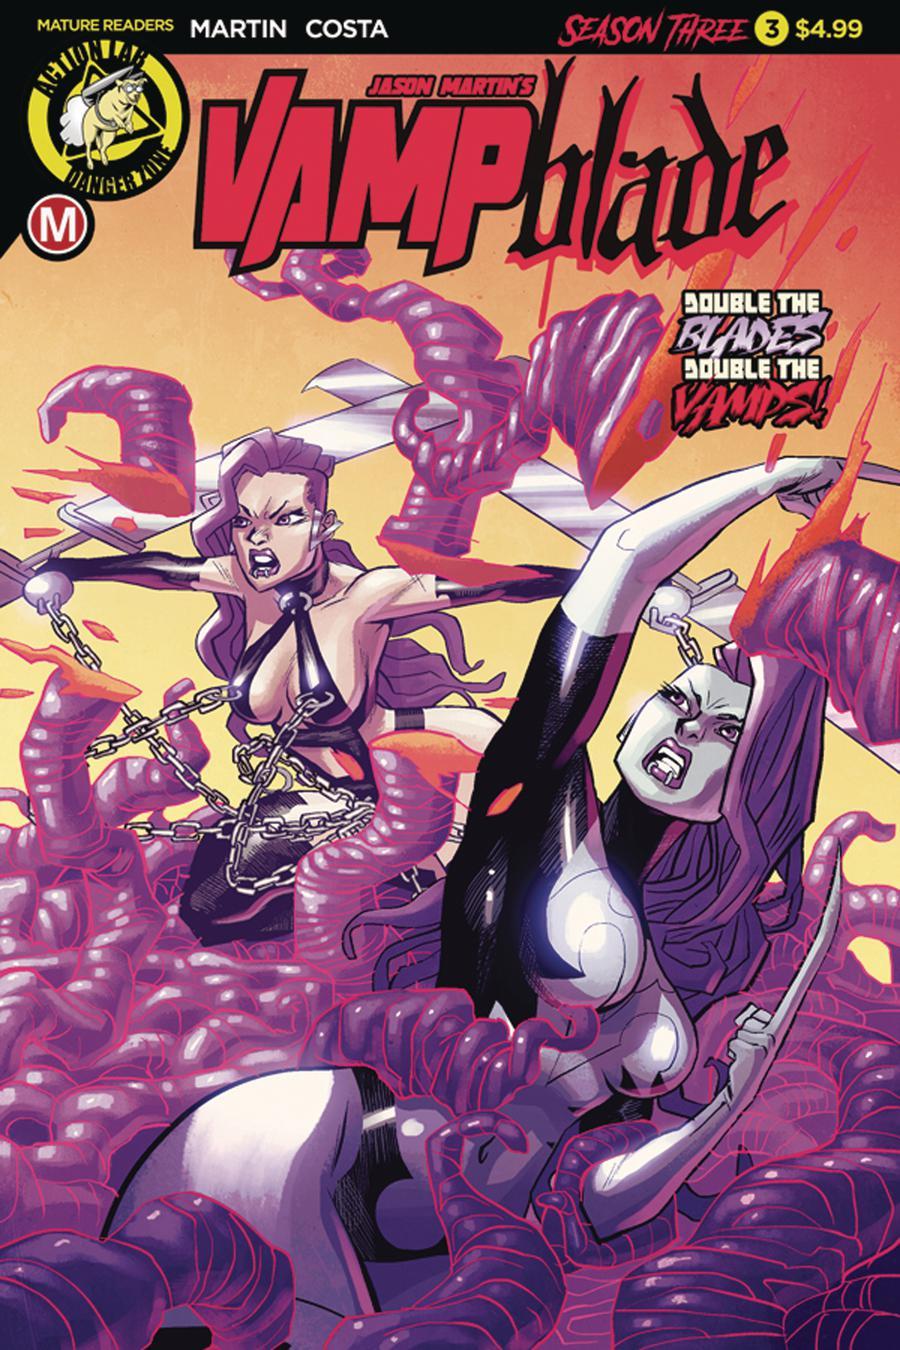 Vampblade Season 3 #3 Cover A Regular Marcello Costa Cover